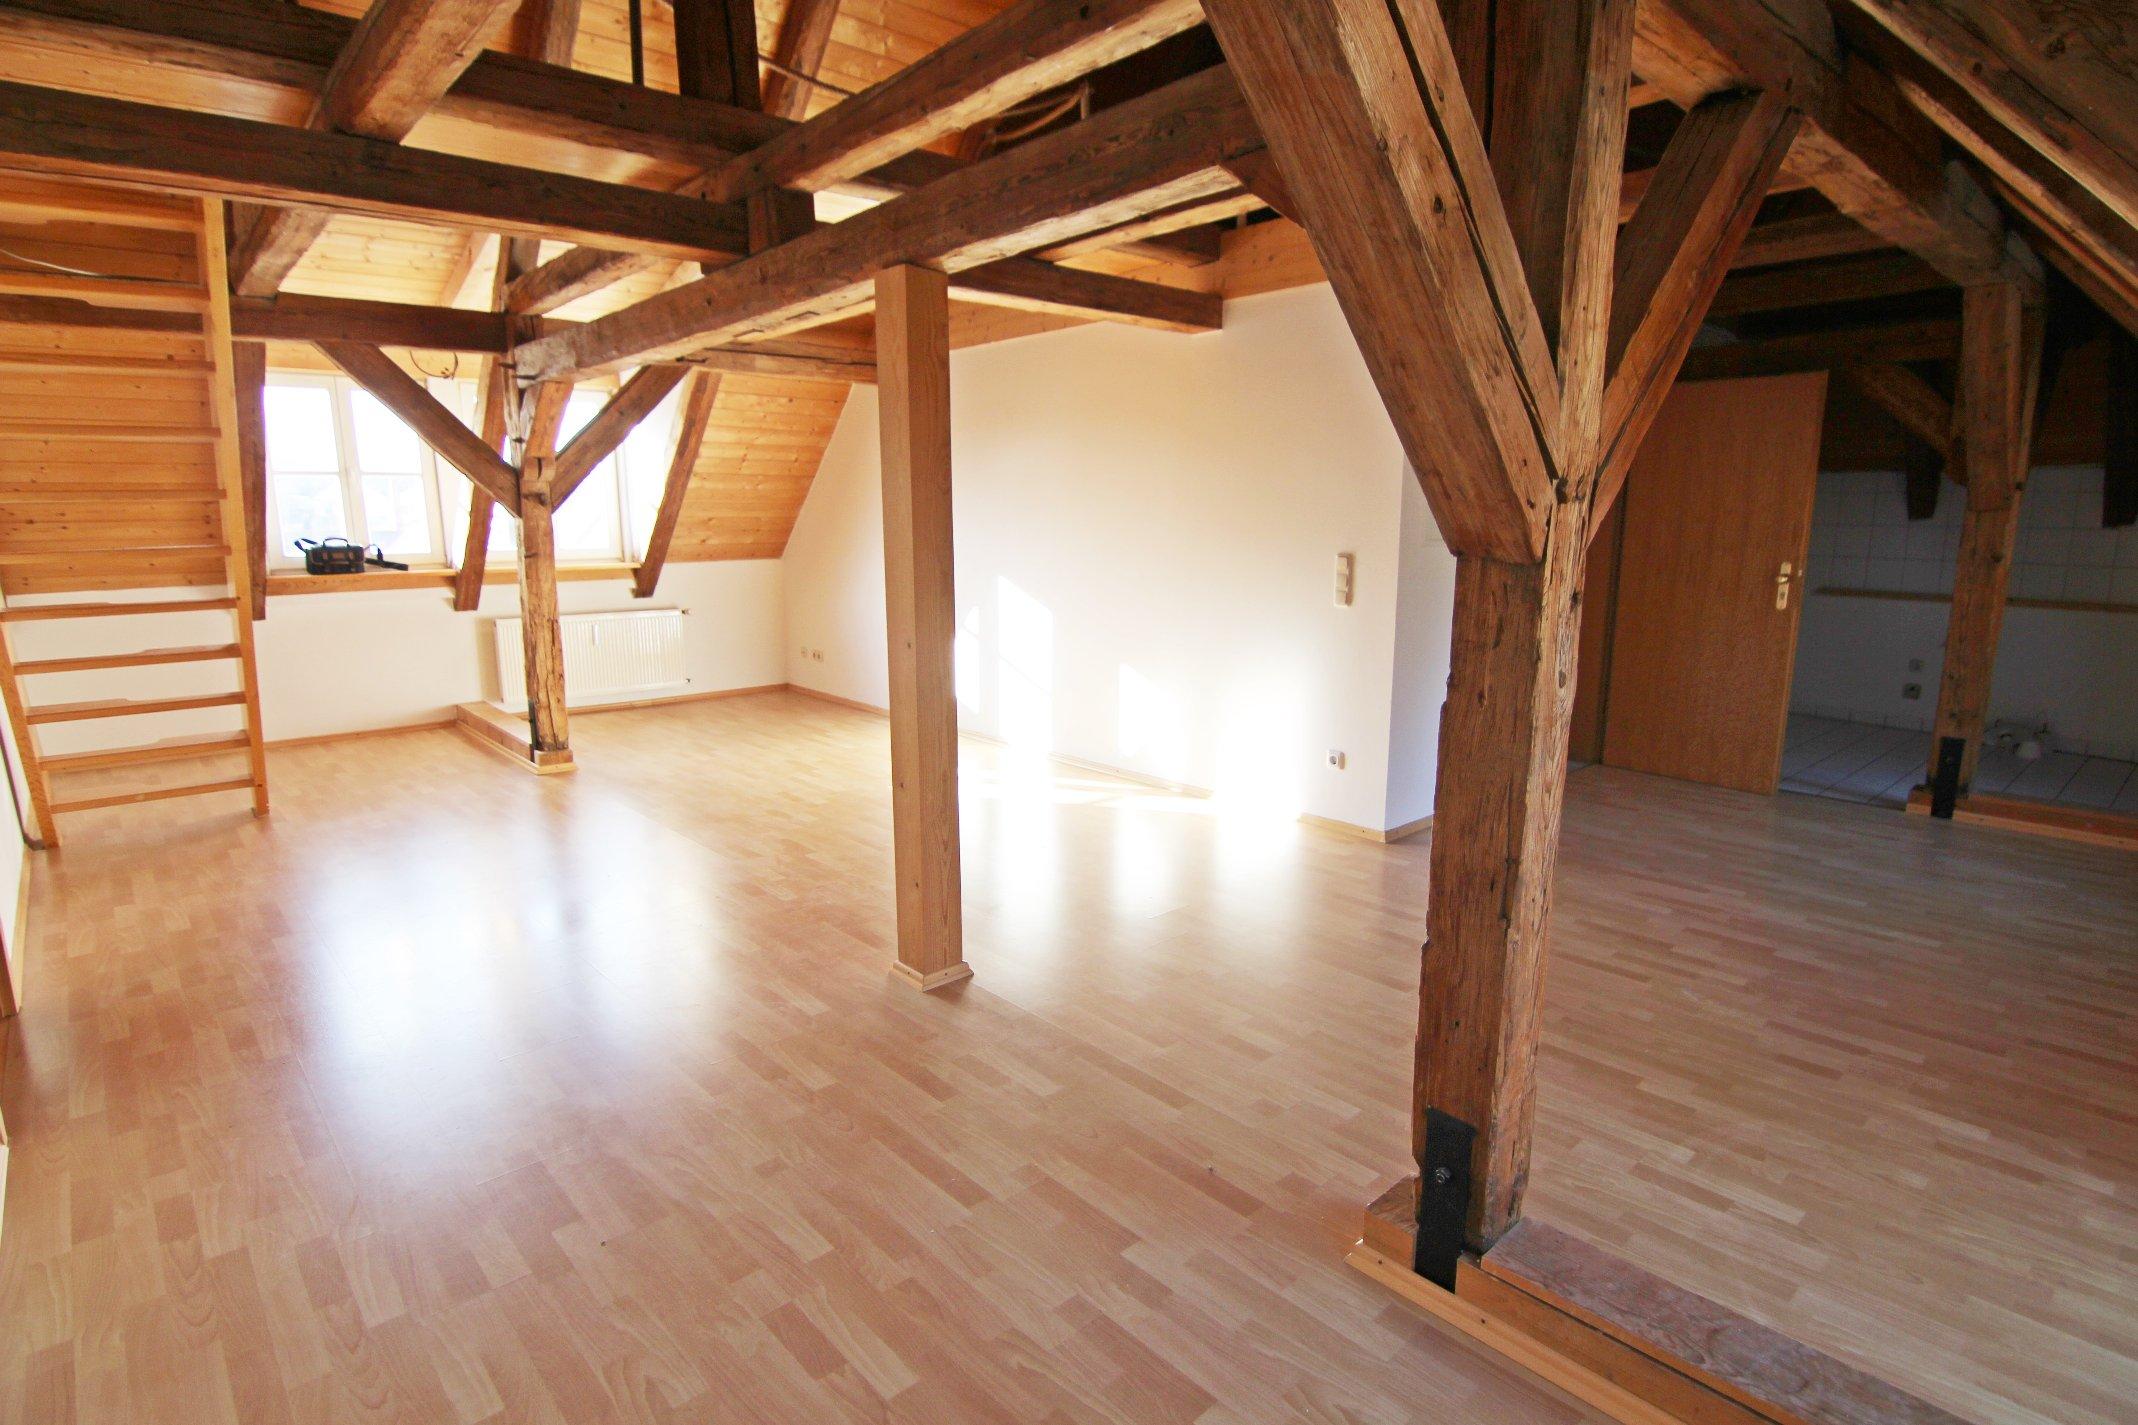 Schöner heller und großer Raum mit Holzbalken